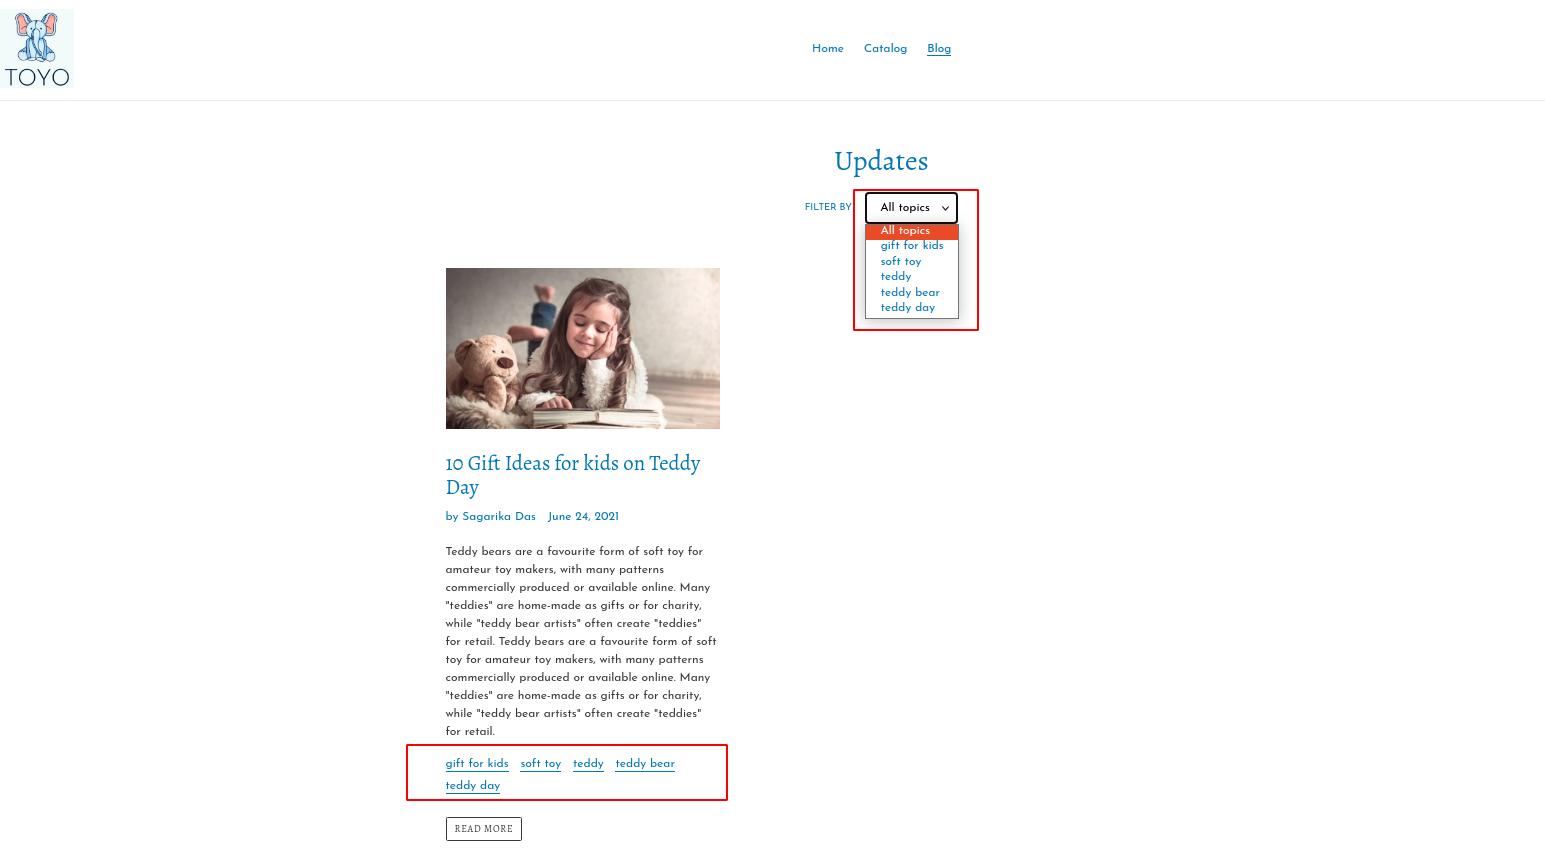 blog-tags-output